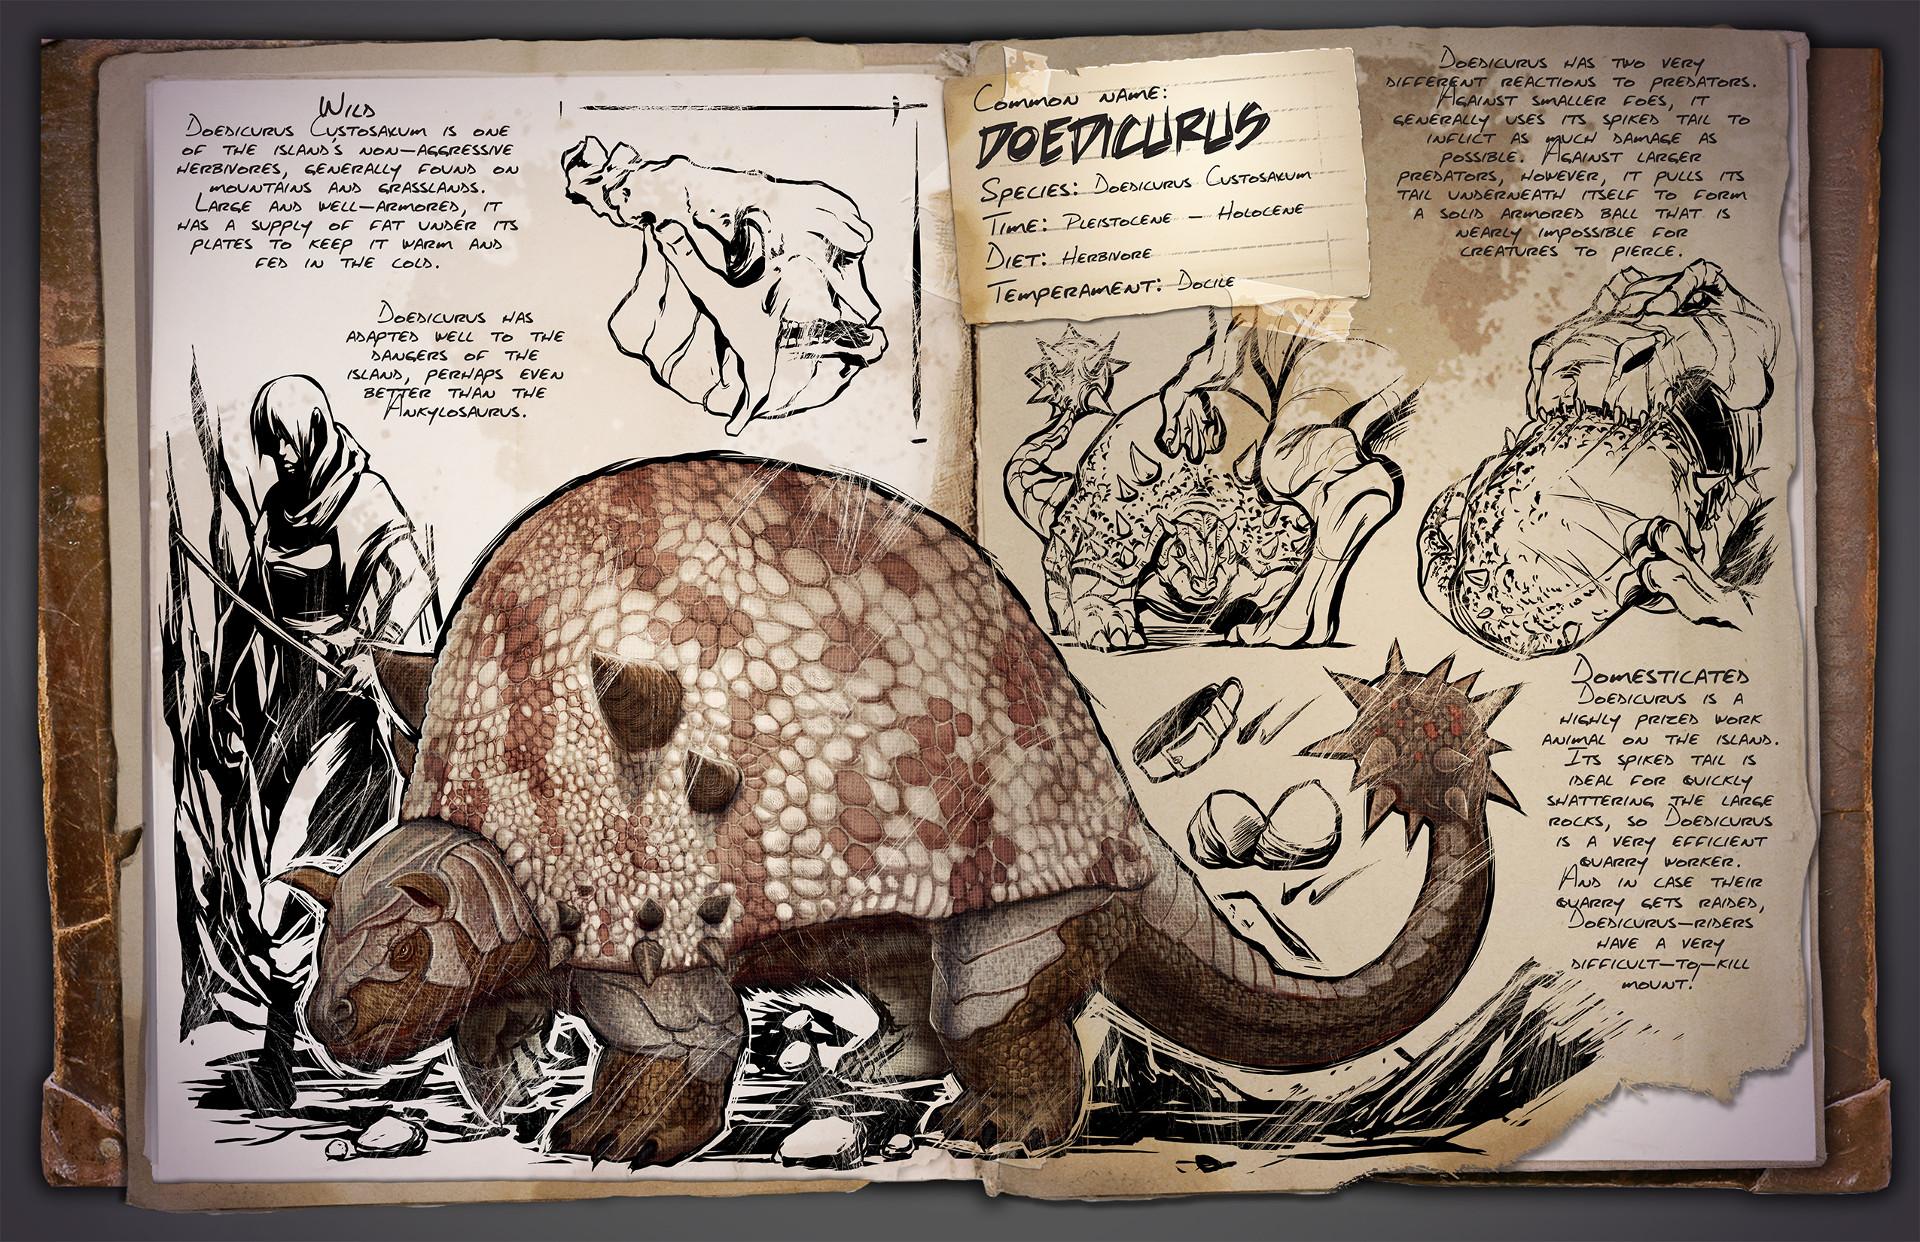 Dino Informe Doedicurus Custosaxum